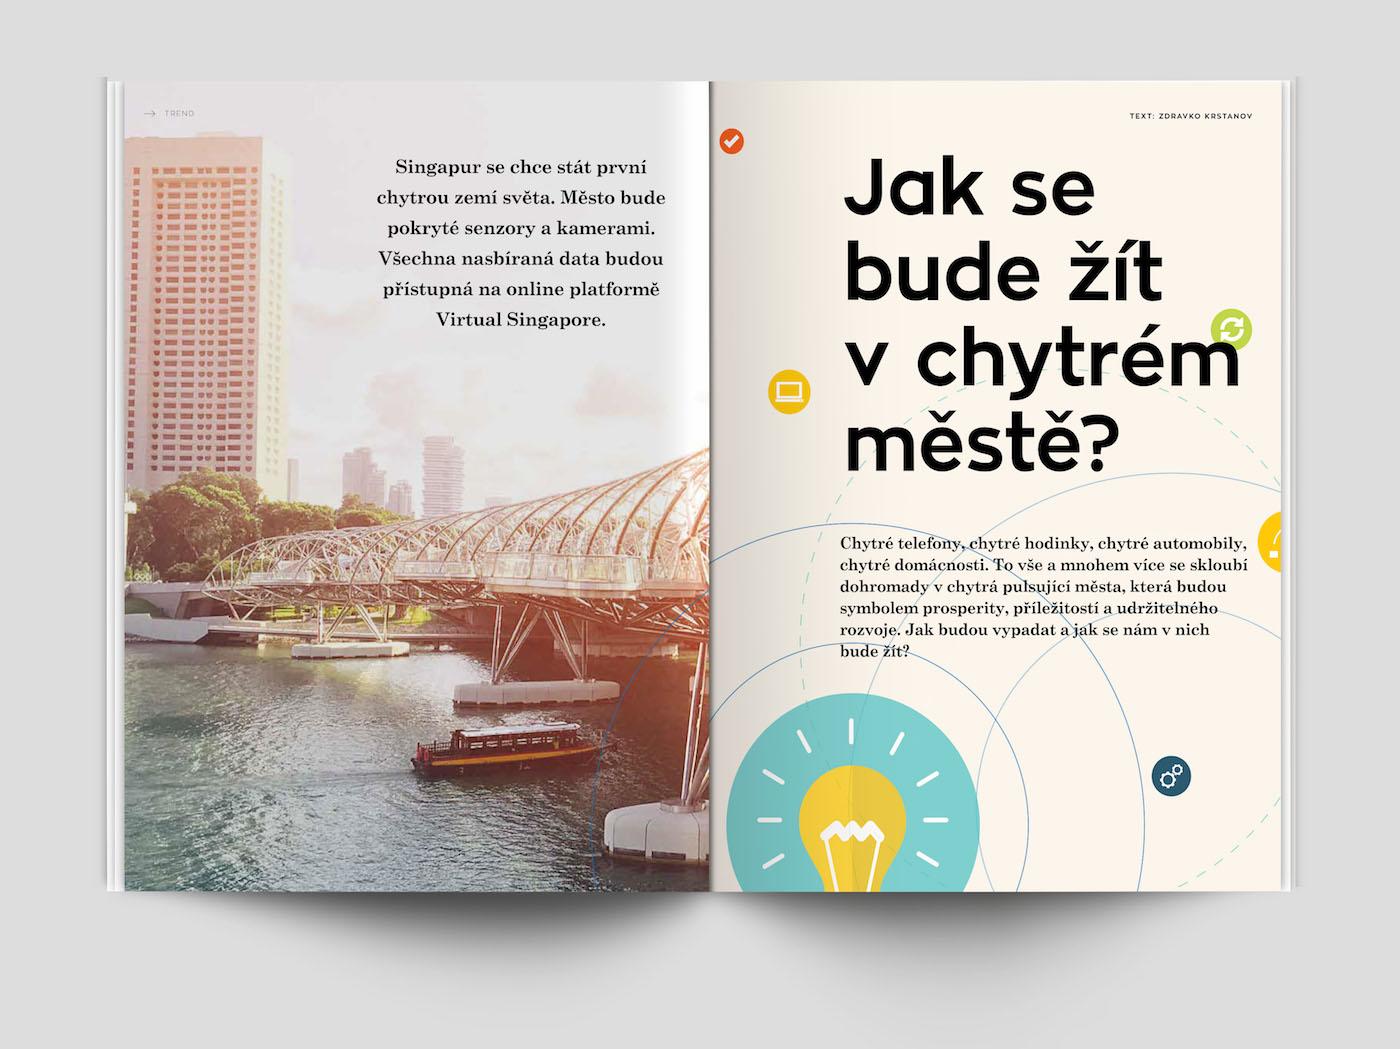 Nový design časopisu MontyRich